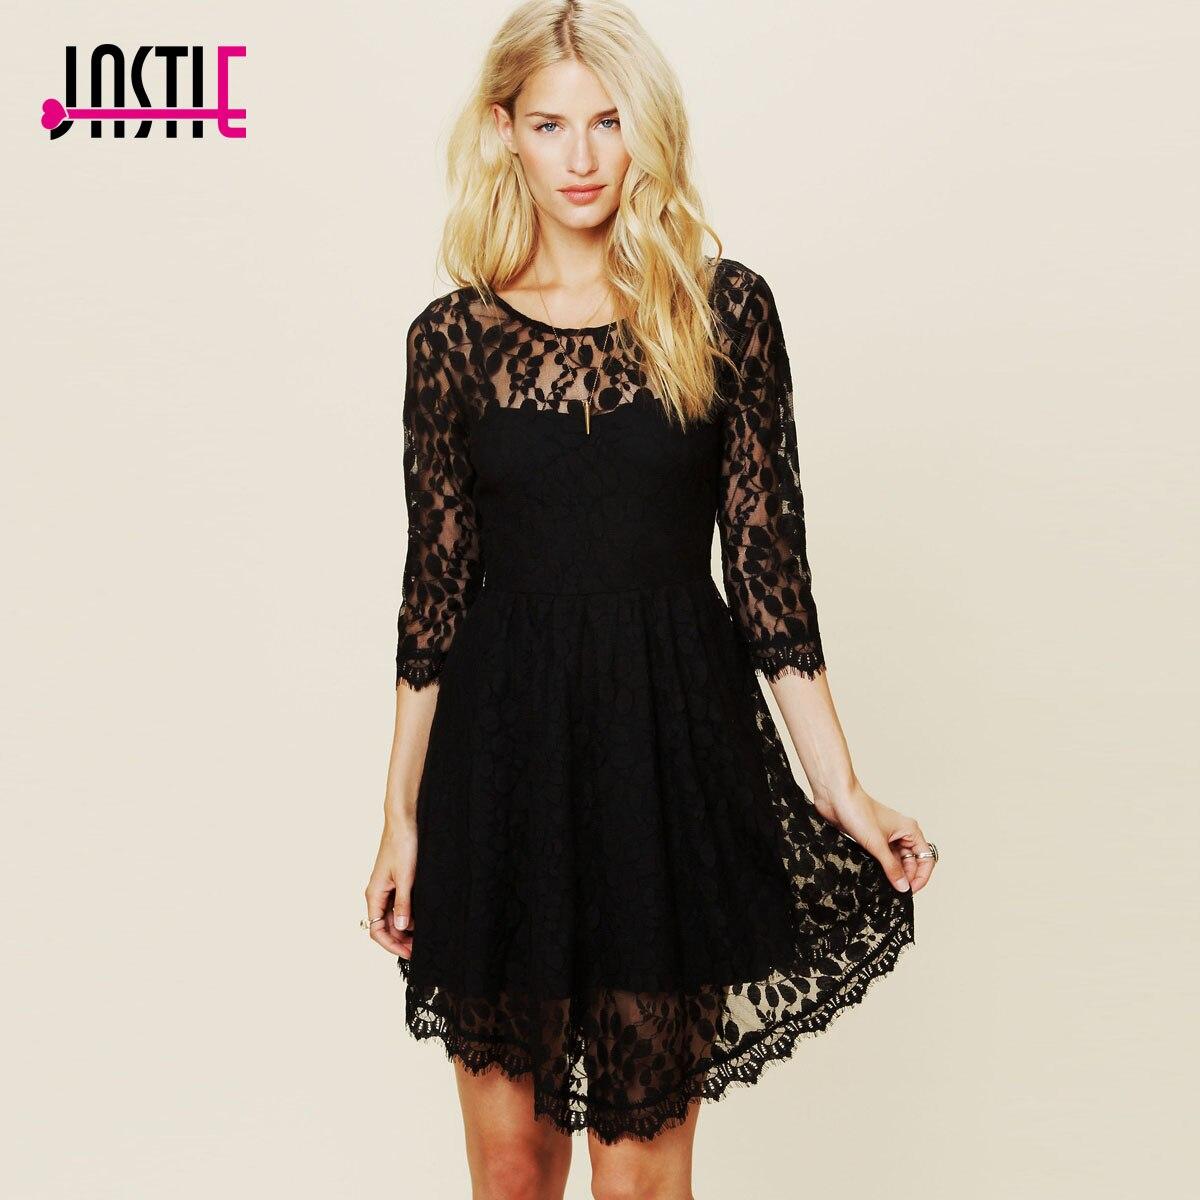 Jastie цветочное Сетчатое летнее платье Boho Хиппи с вышивкой, прозрачные кружевные платья с нижней кромкой, женское платье(без подкладки - Цвет: Черный